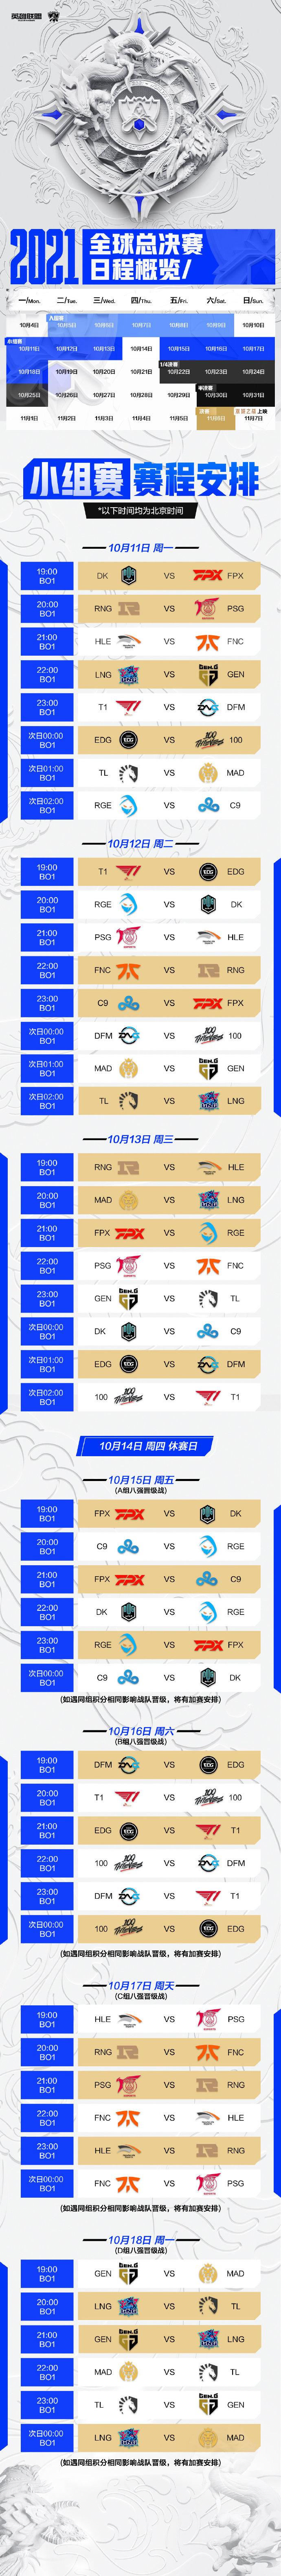 2021全球总决赛小组赛赛程更新